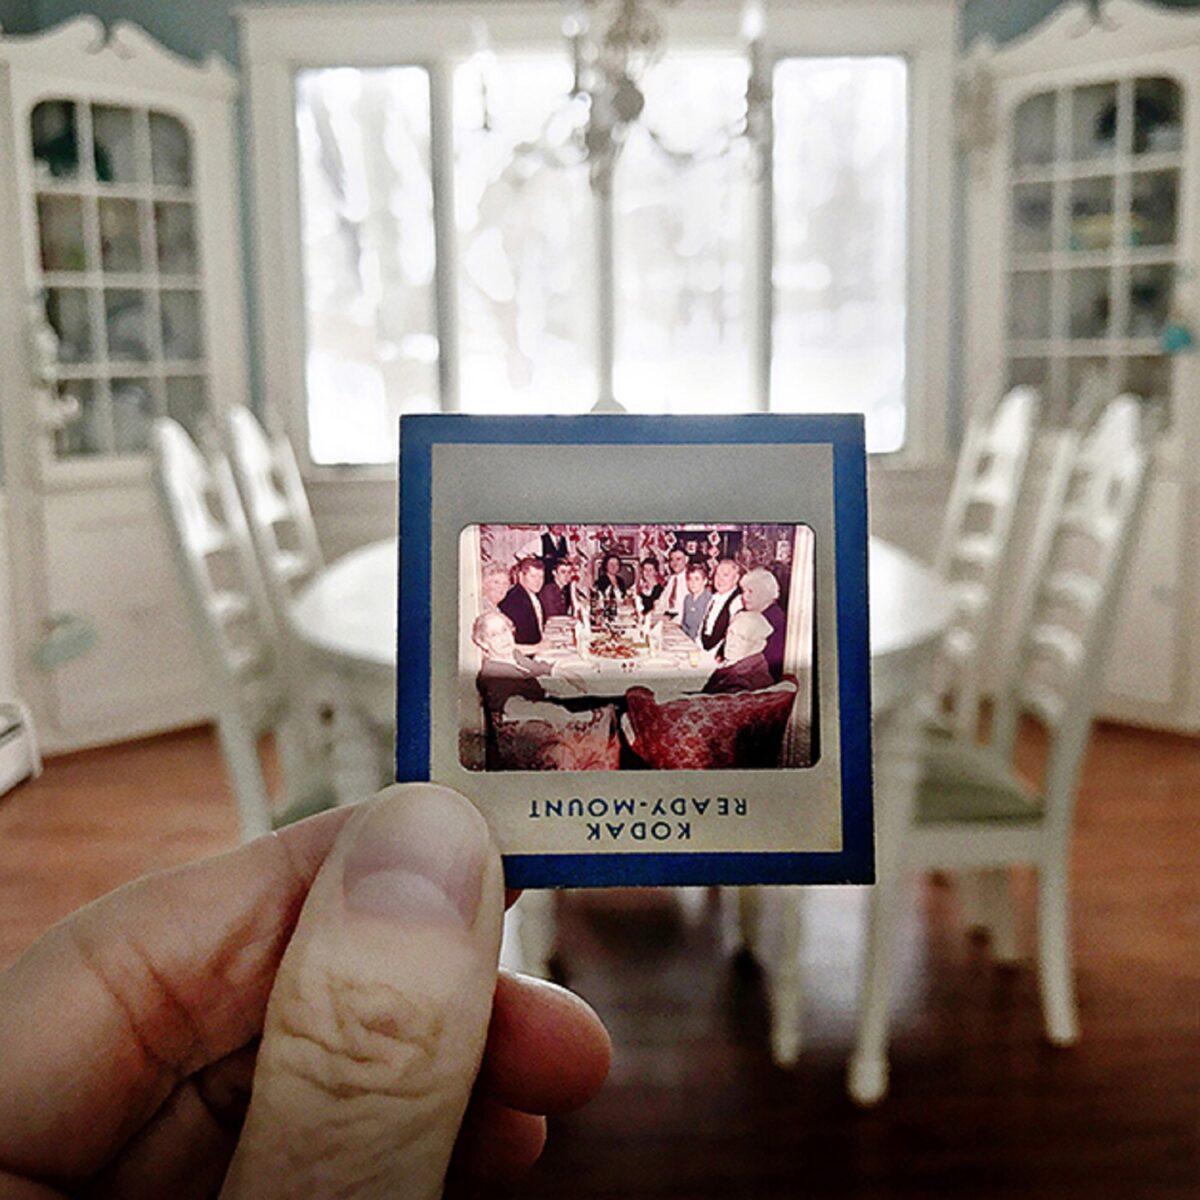 No Memory is Ever Alone projeto usa fotografias para mostrar a passagem do tempo 2